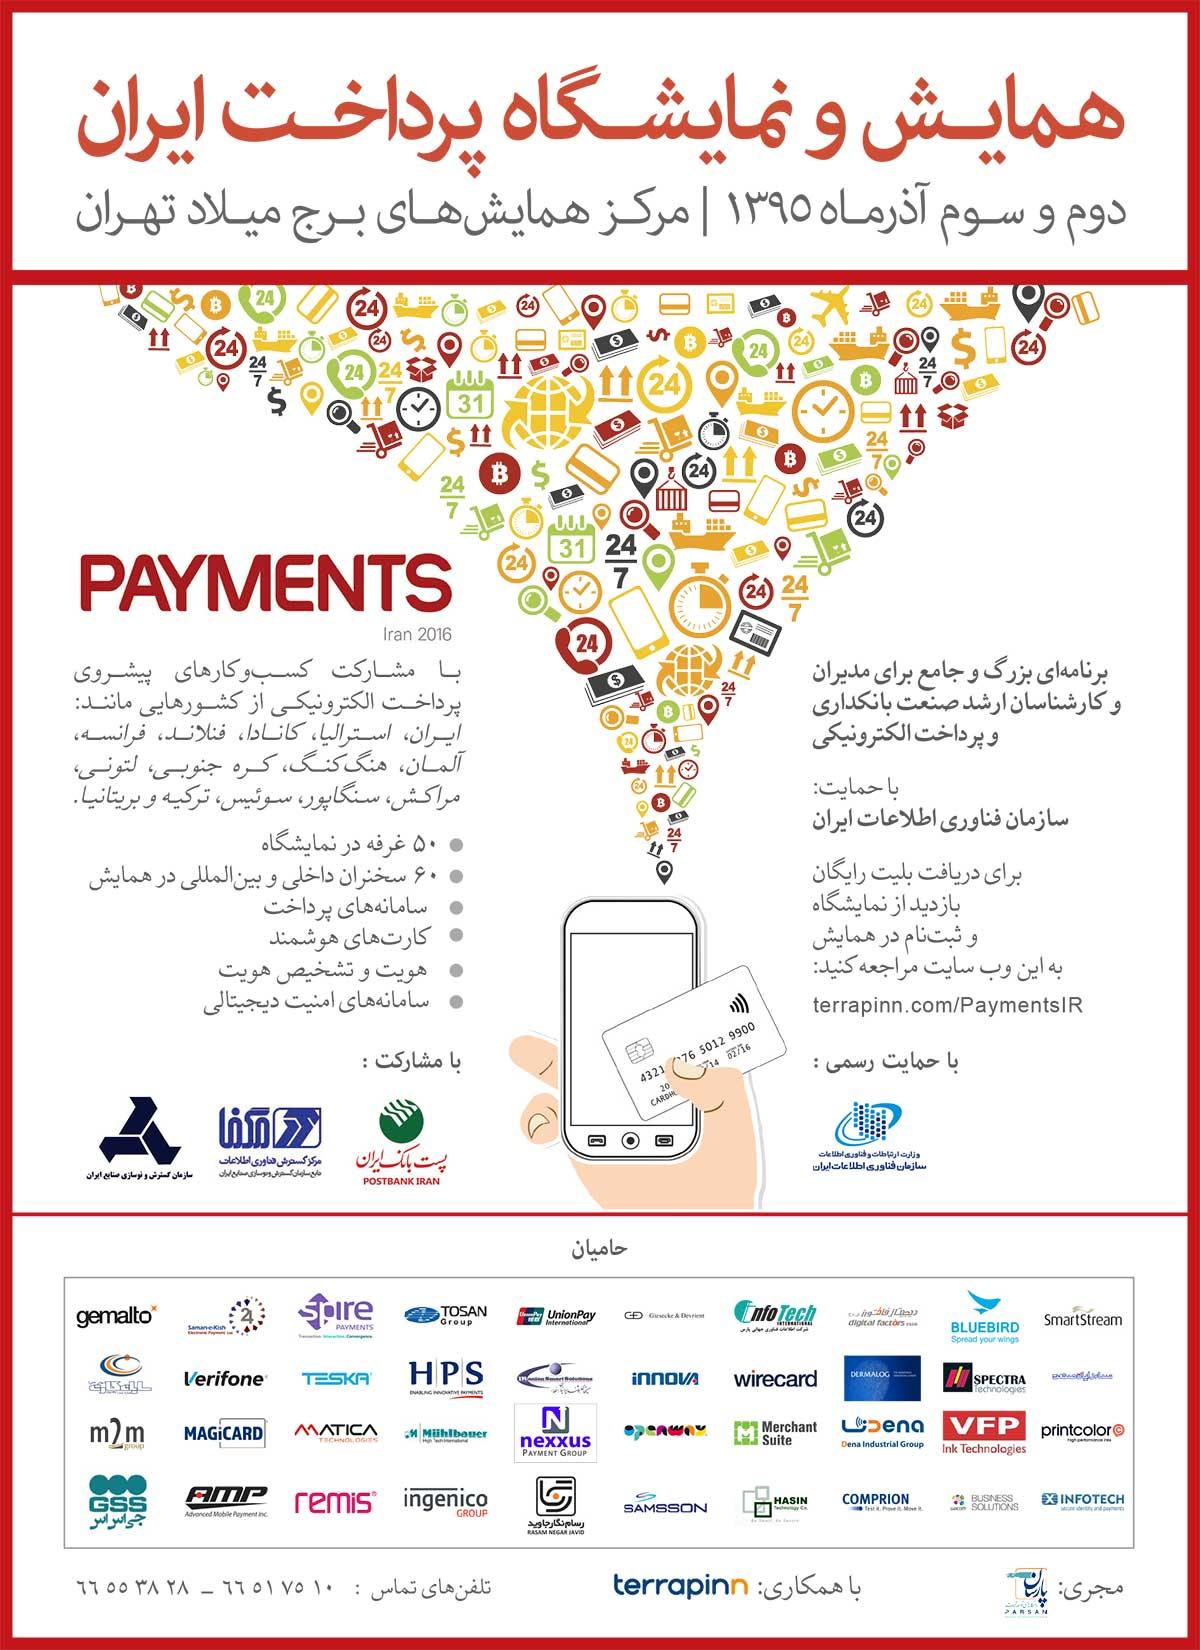 4 سازمان بزرگ حمایت خود از همایش و نمایشگاه پرداخت ایران را اعلام کردند